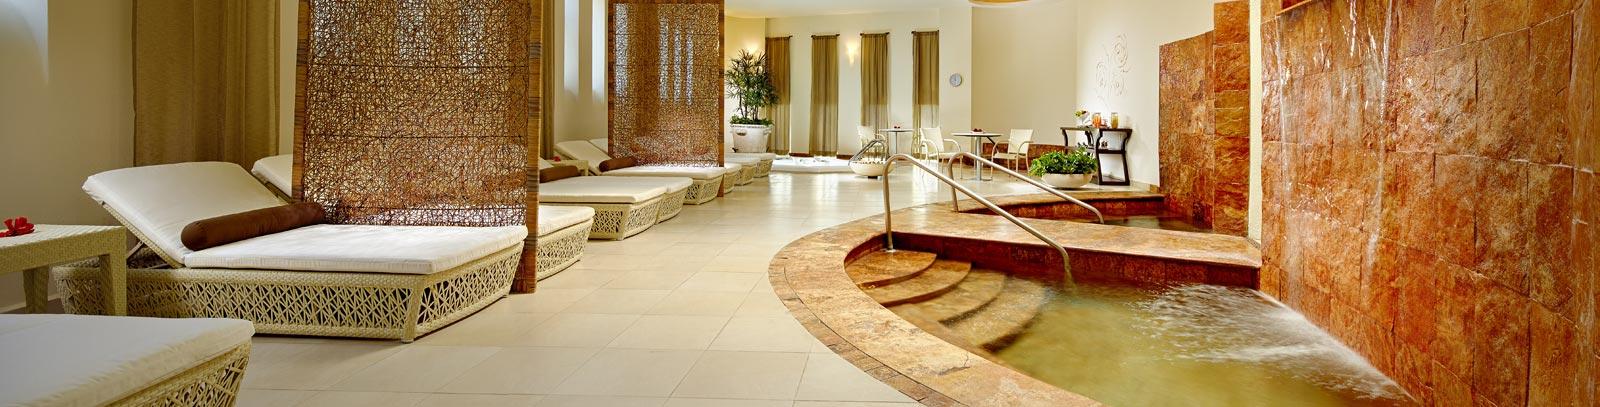 Wellness Getaway Package - Grand Velas Riviera Nayarit